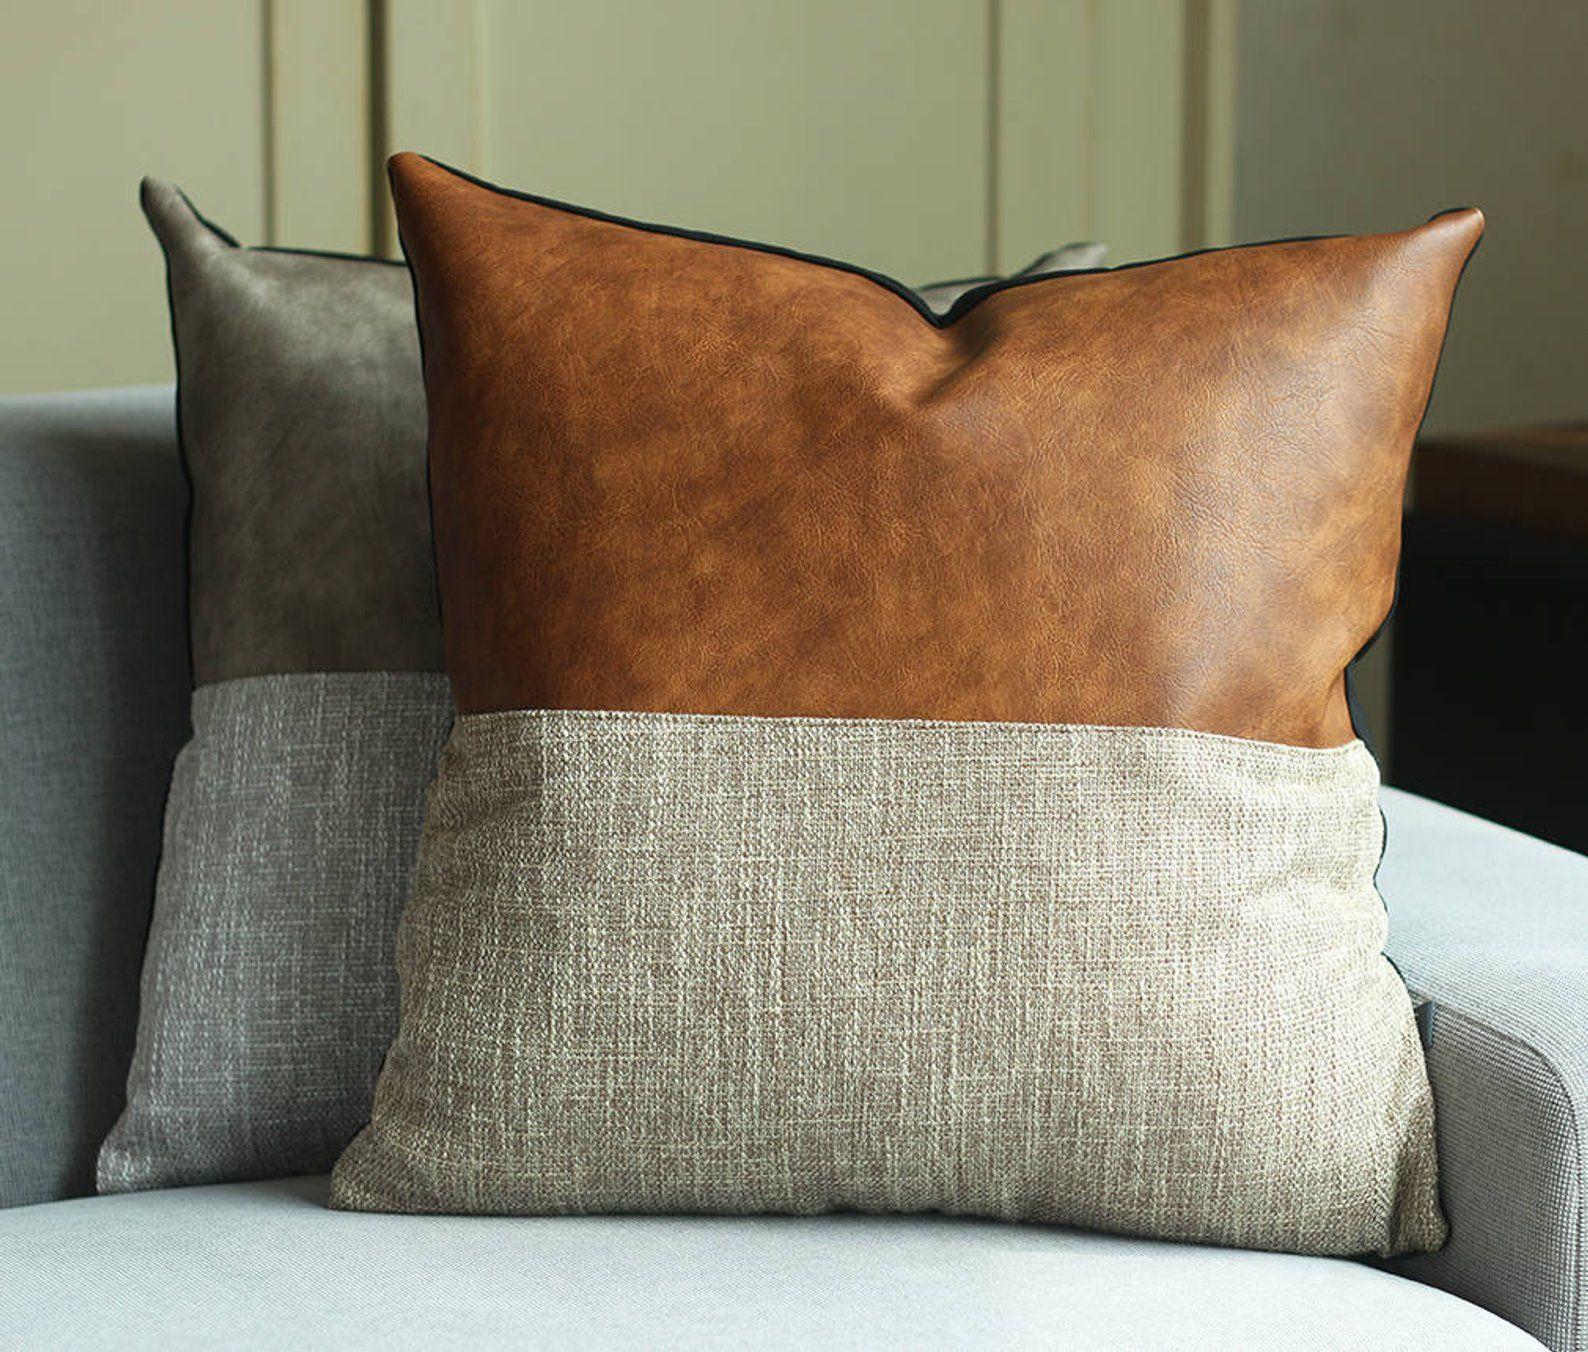 Designer Faux Leather Pillow Cover Kdays Halftan Pillow Cover Decorative For Couch Throw Pillow Case Handmade Cushion Covers Brown Cushion Coussins Faits A La Main Housse De Coussin Et Coussins En